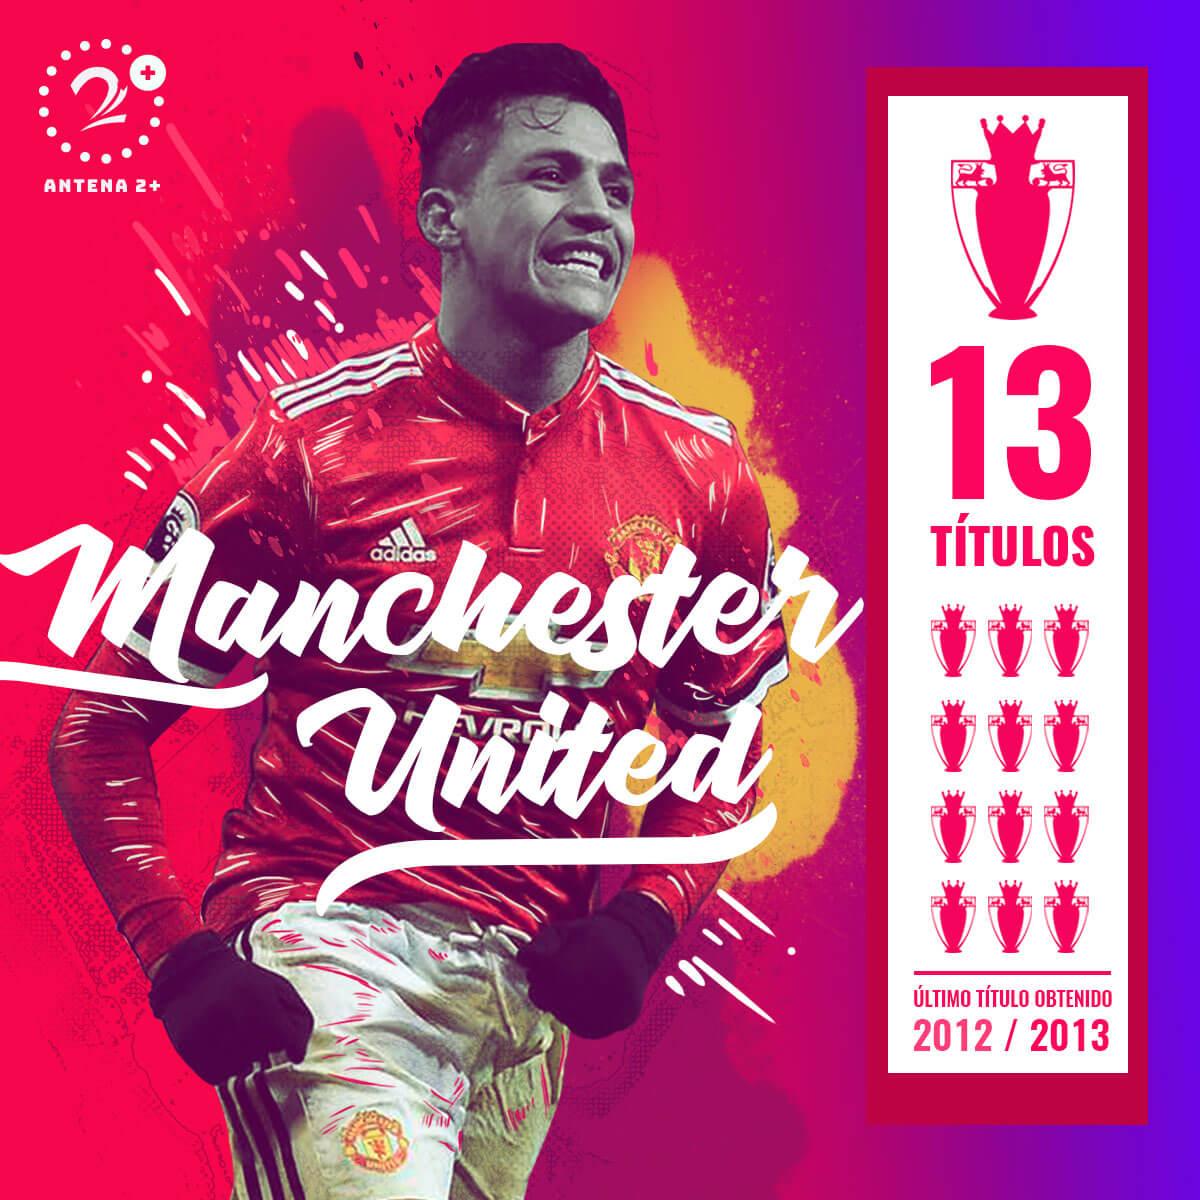 Manchester United, campeón 13 veces de la Premier League